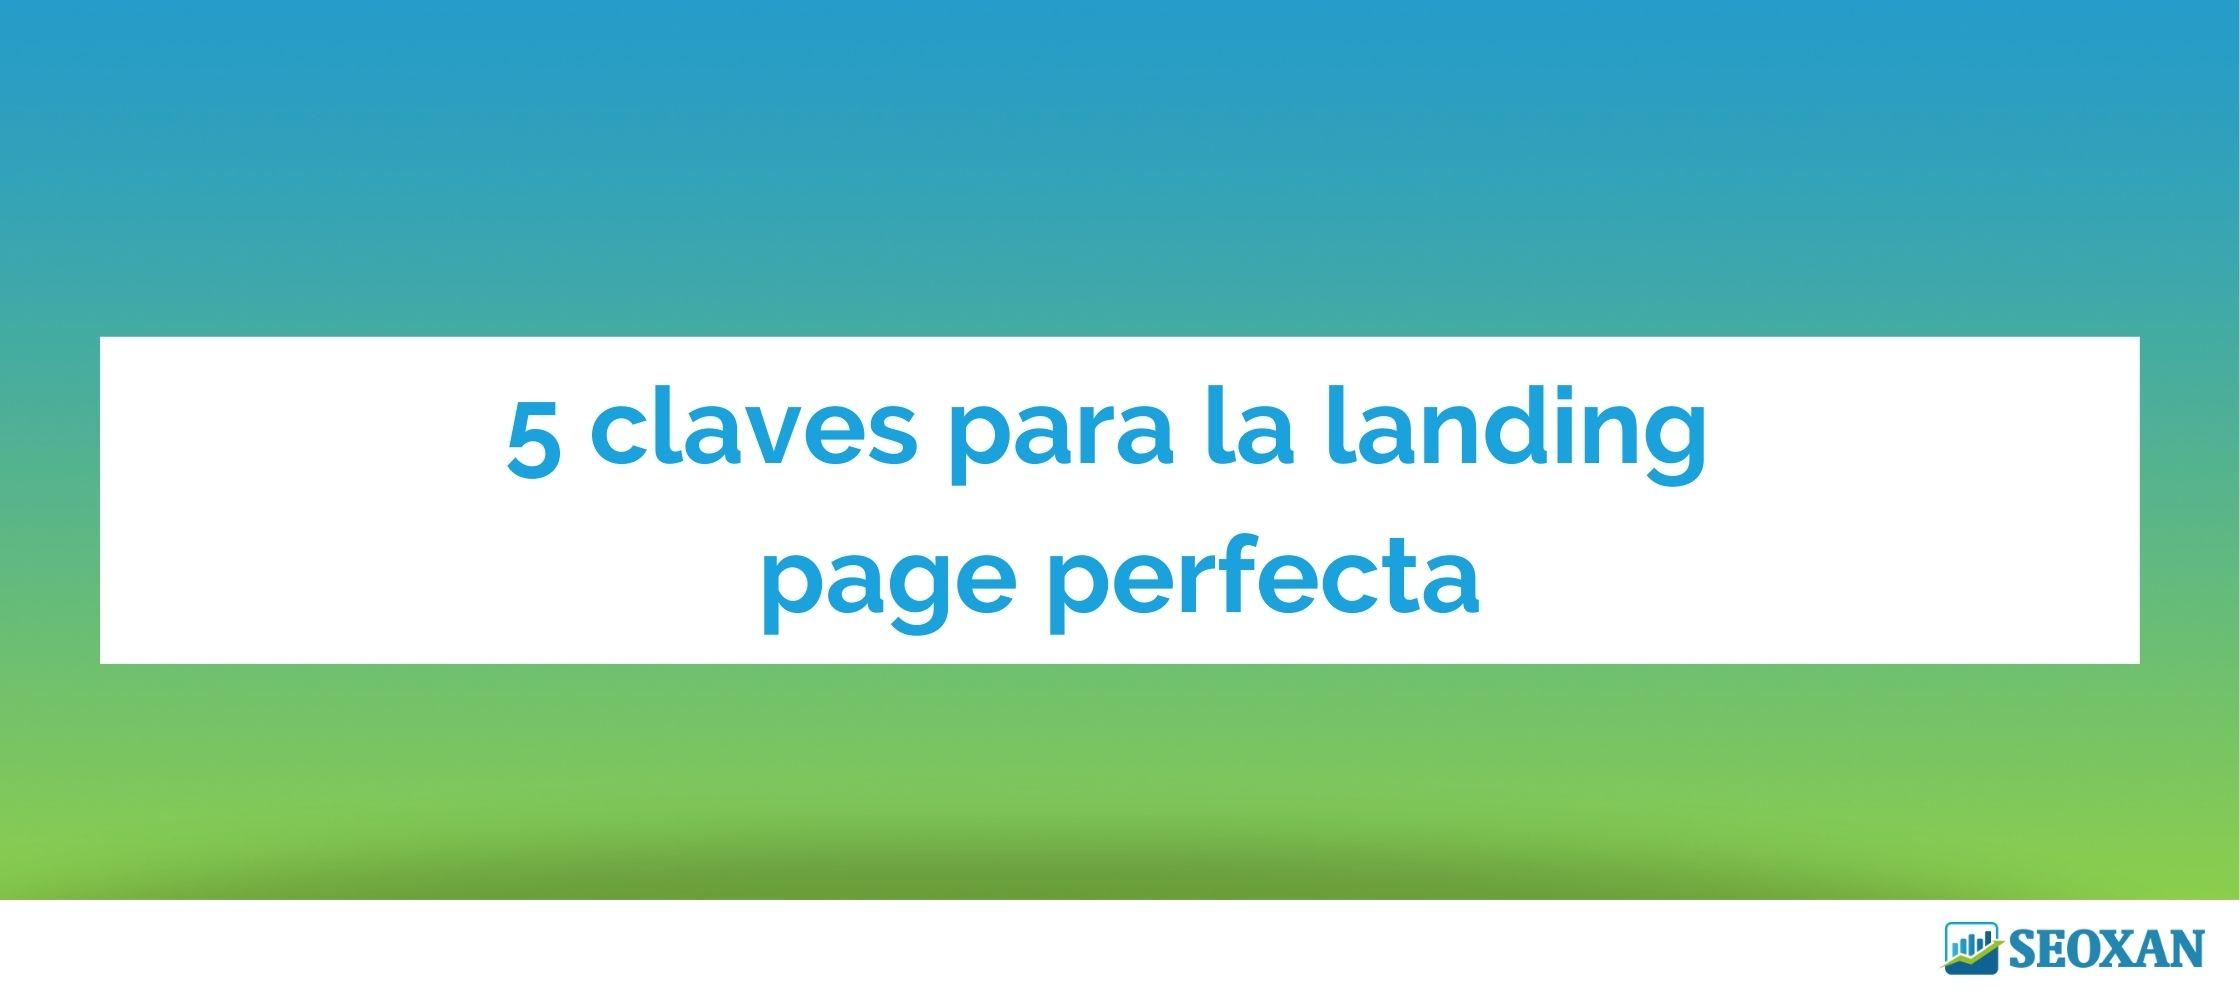 5 claves para la landing page perfecta